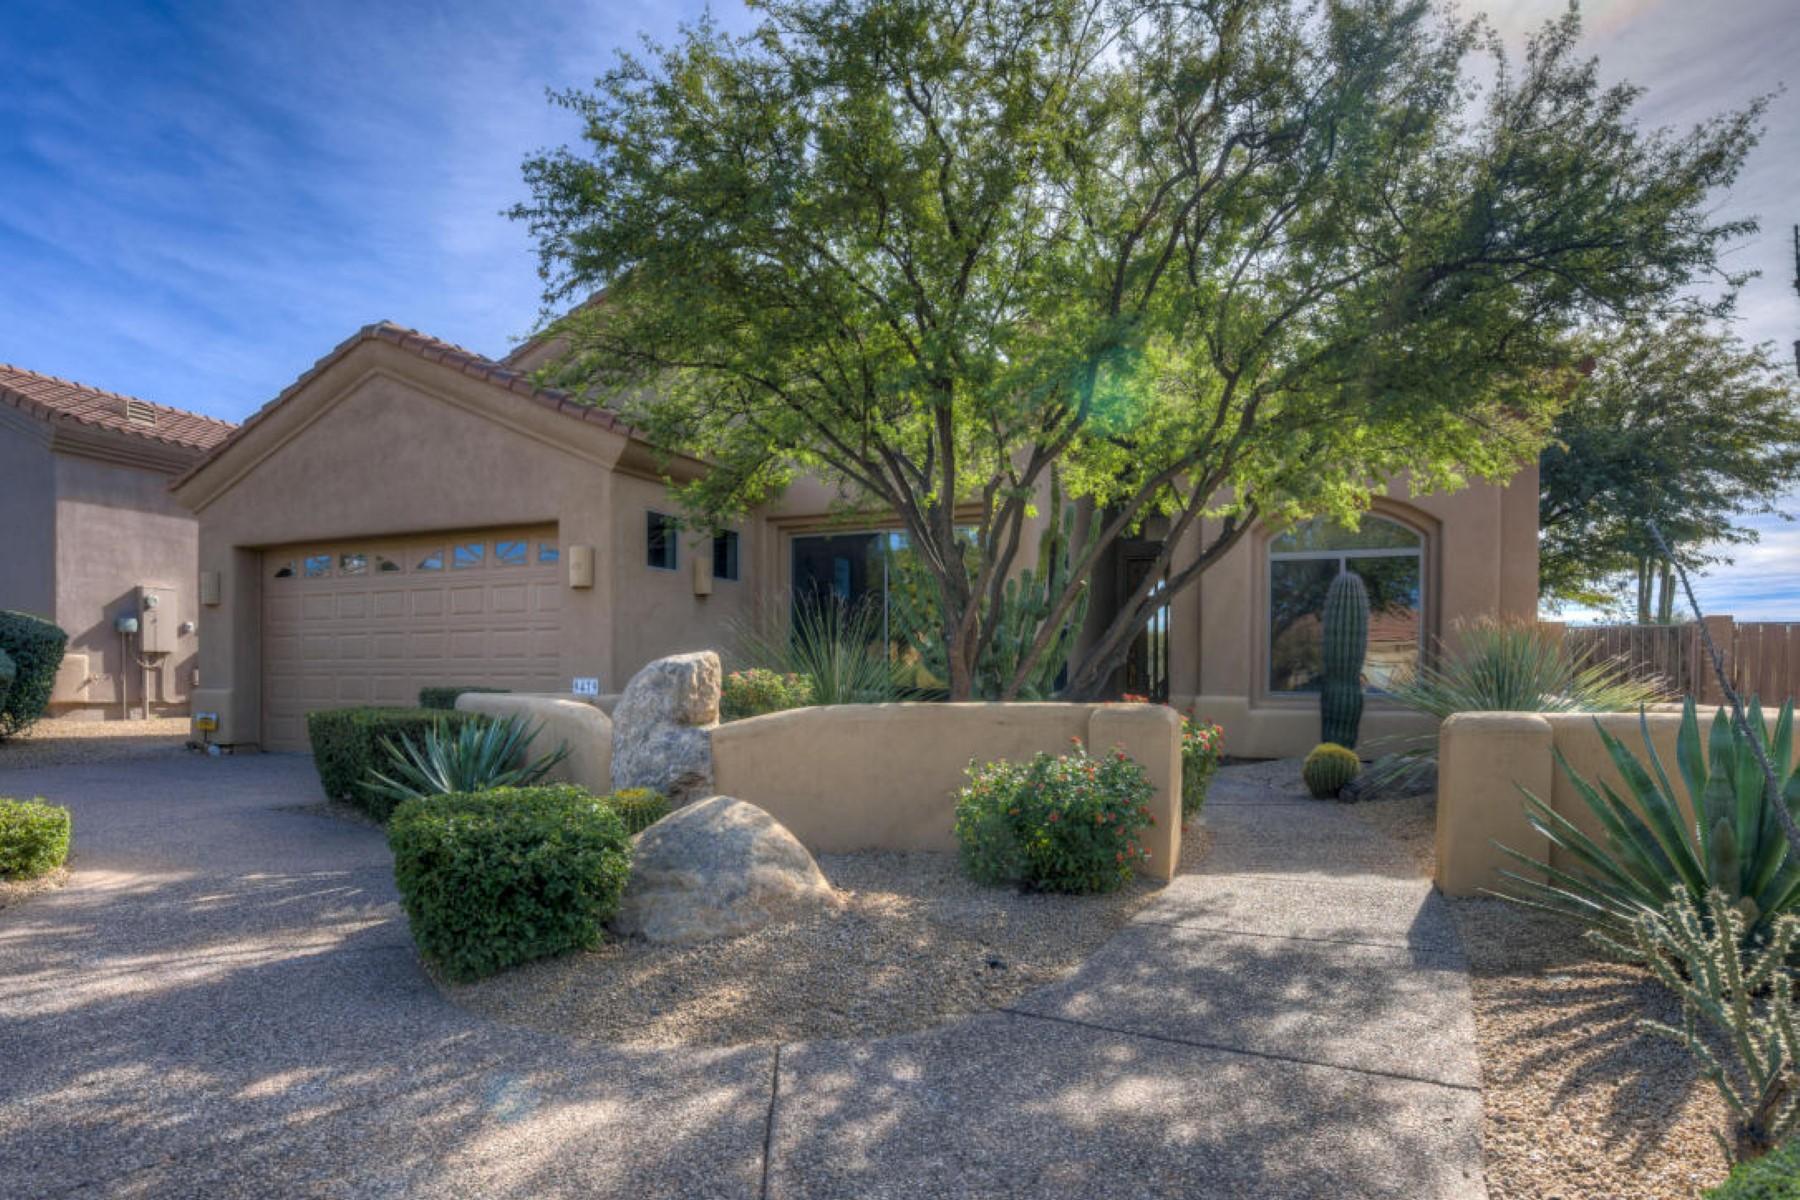 Villa per Vendita alle ore Single Level Model Home with Privacy and Views 9479 E Whitewing Dr Scottsdale, Arizona 85262 Stati Uniti